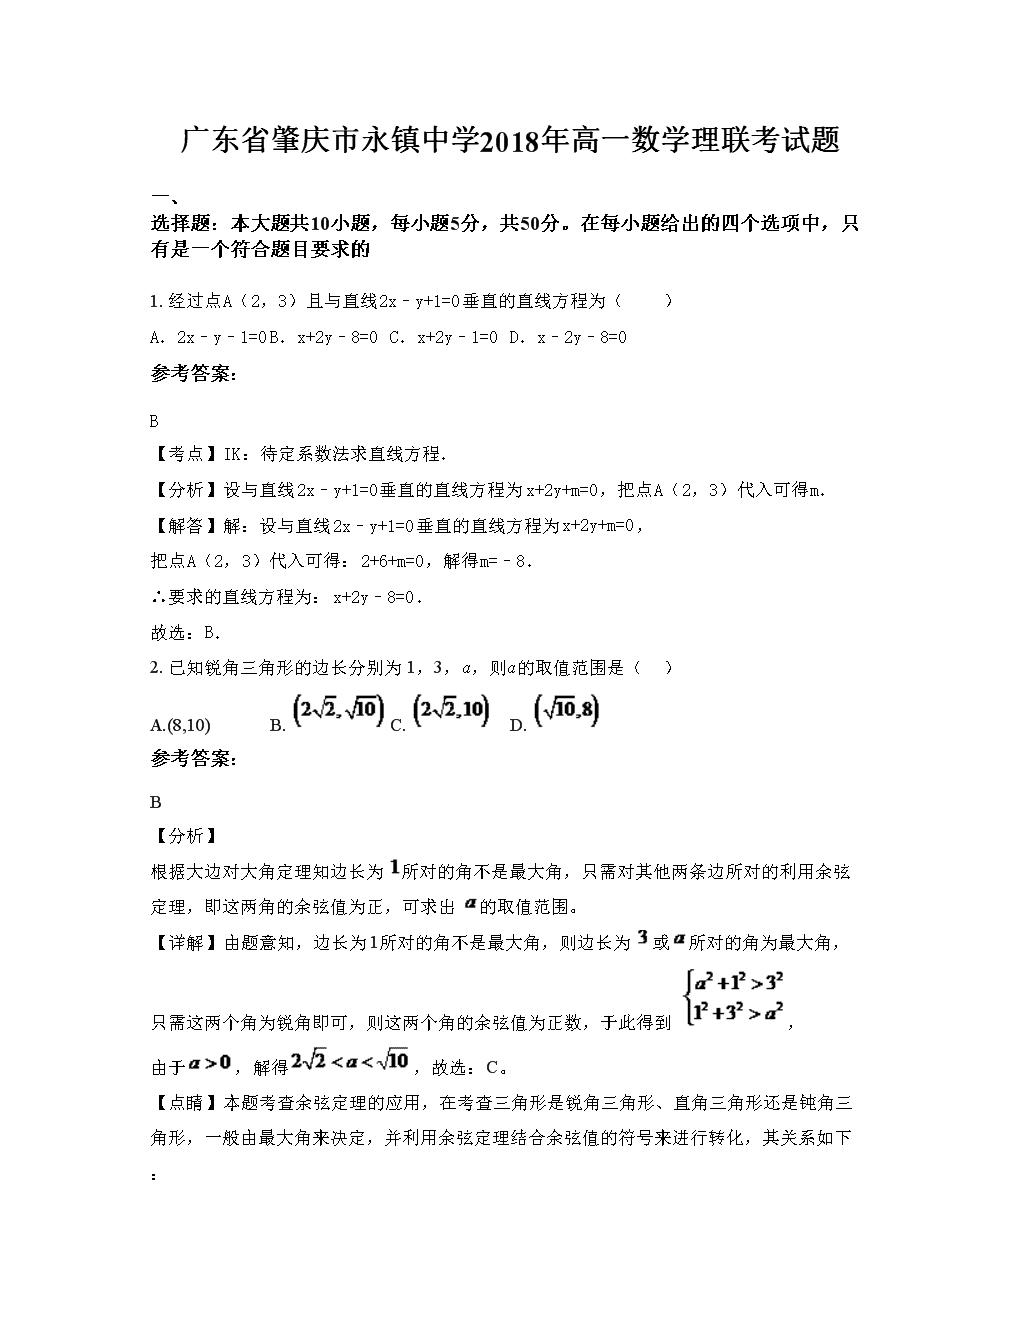 广东省肇庆市永镇中学2018年高一数学理联考试题.docx